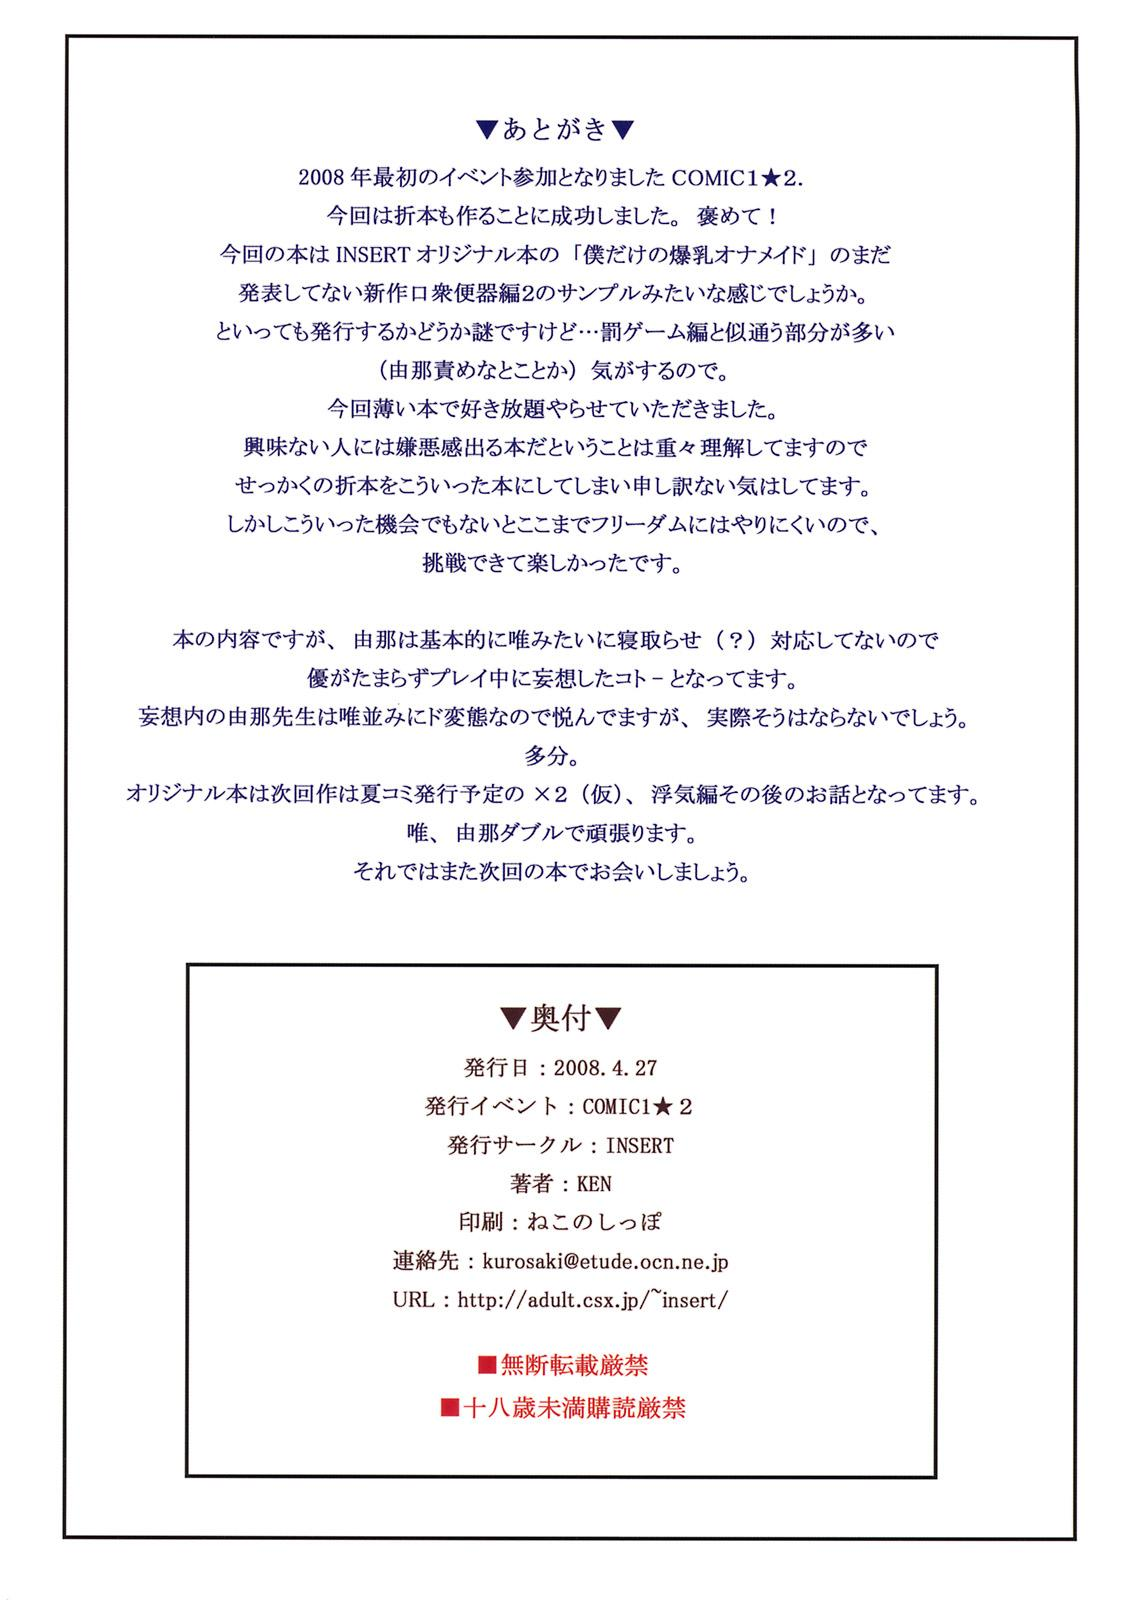 (COMIC1☆2) [INSERT (KEN)] Boku Dake no Bakunyuu Ona-maid -Koushuu Benki Hen 2- 9